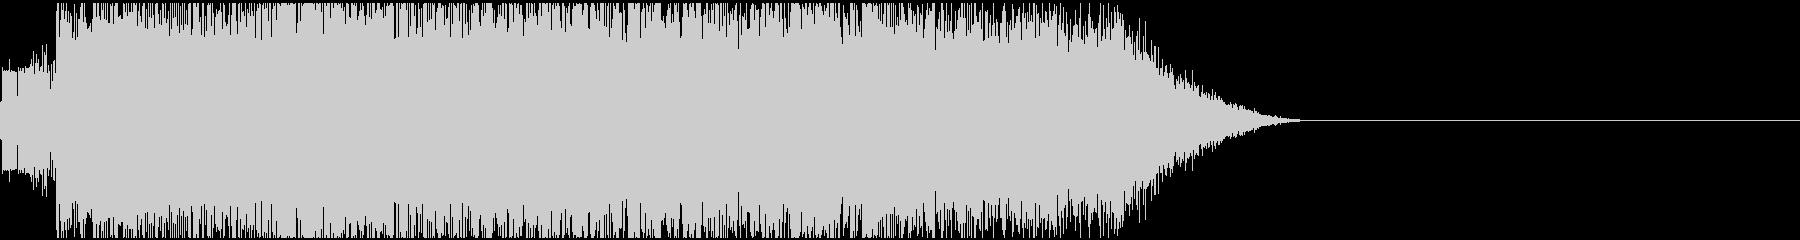 ヴューン(ビーム砲)2の未再生の波形